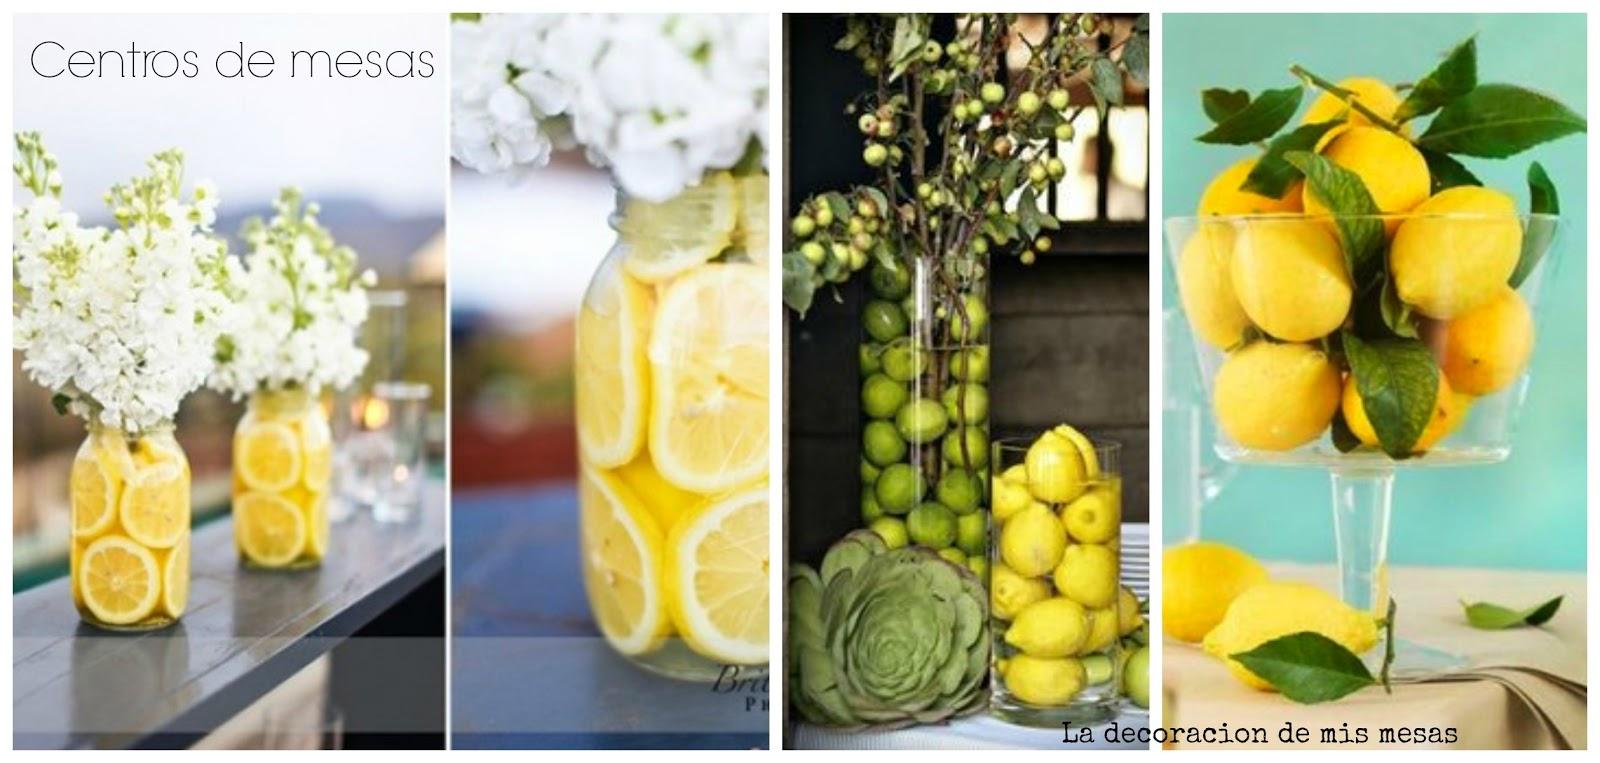 Ideas para fiestas decorar con limones - Centros de mesa con limones ...